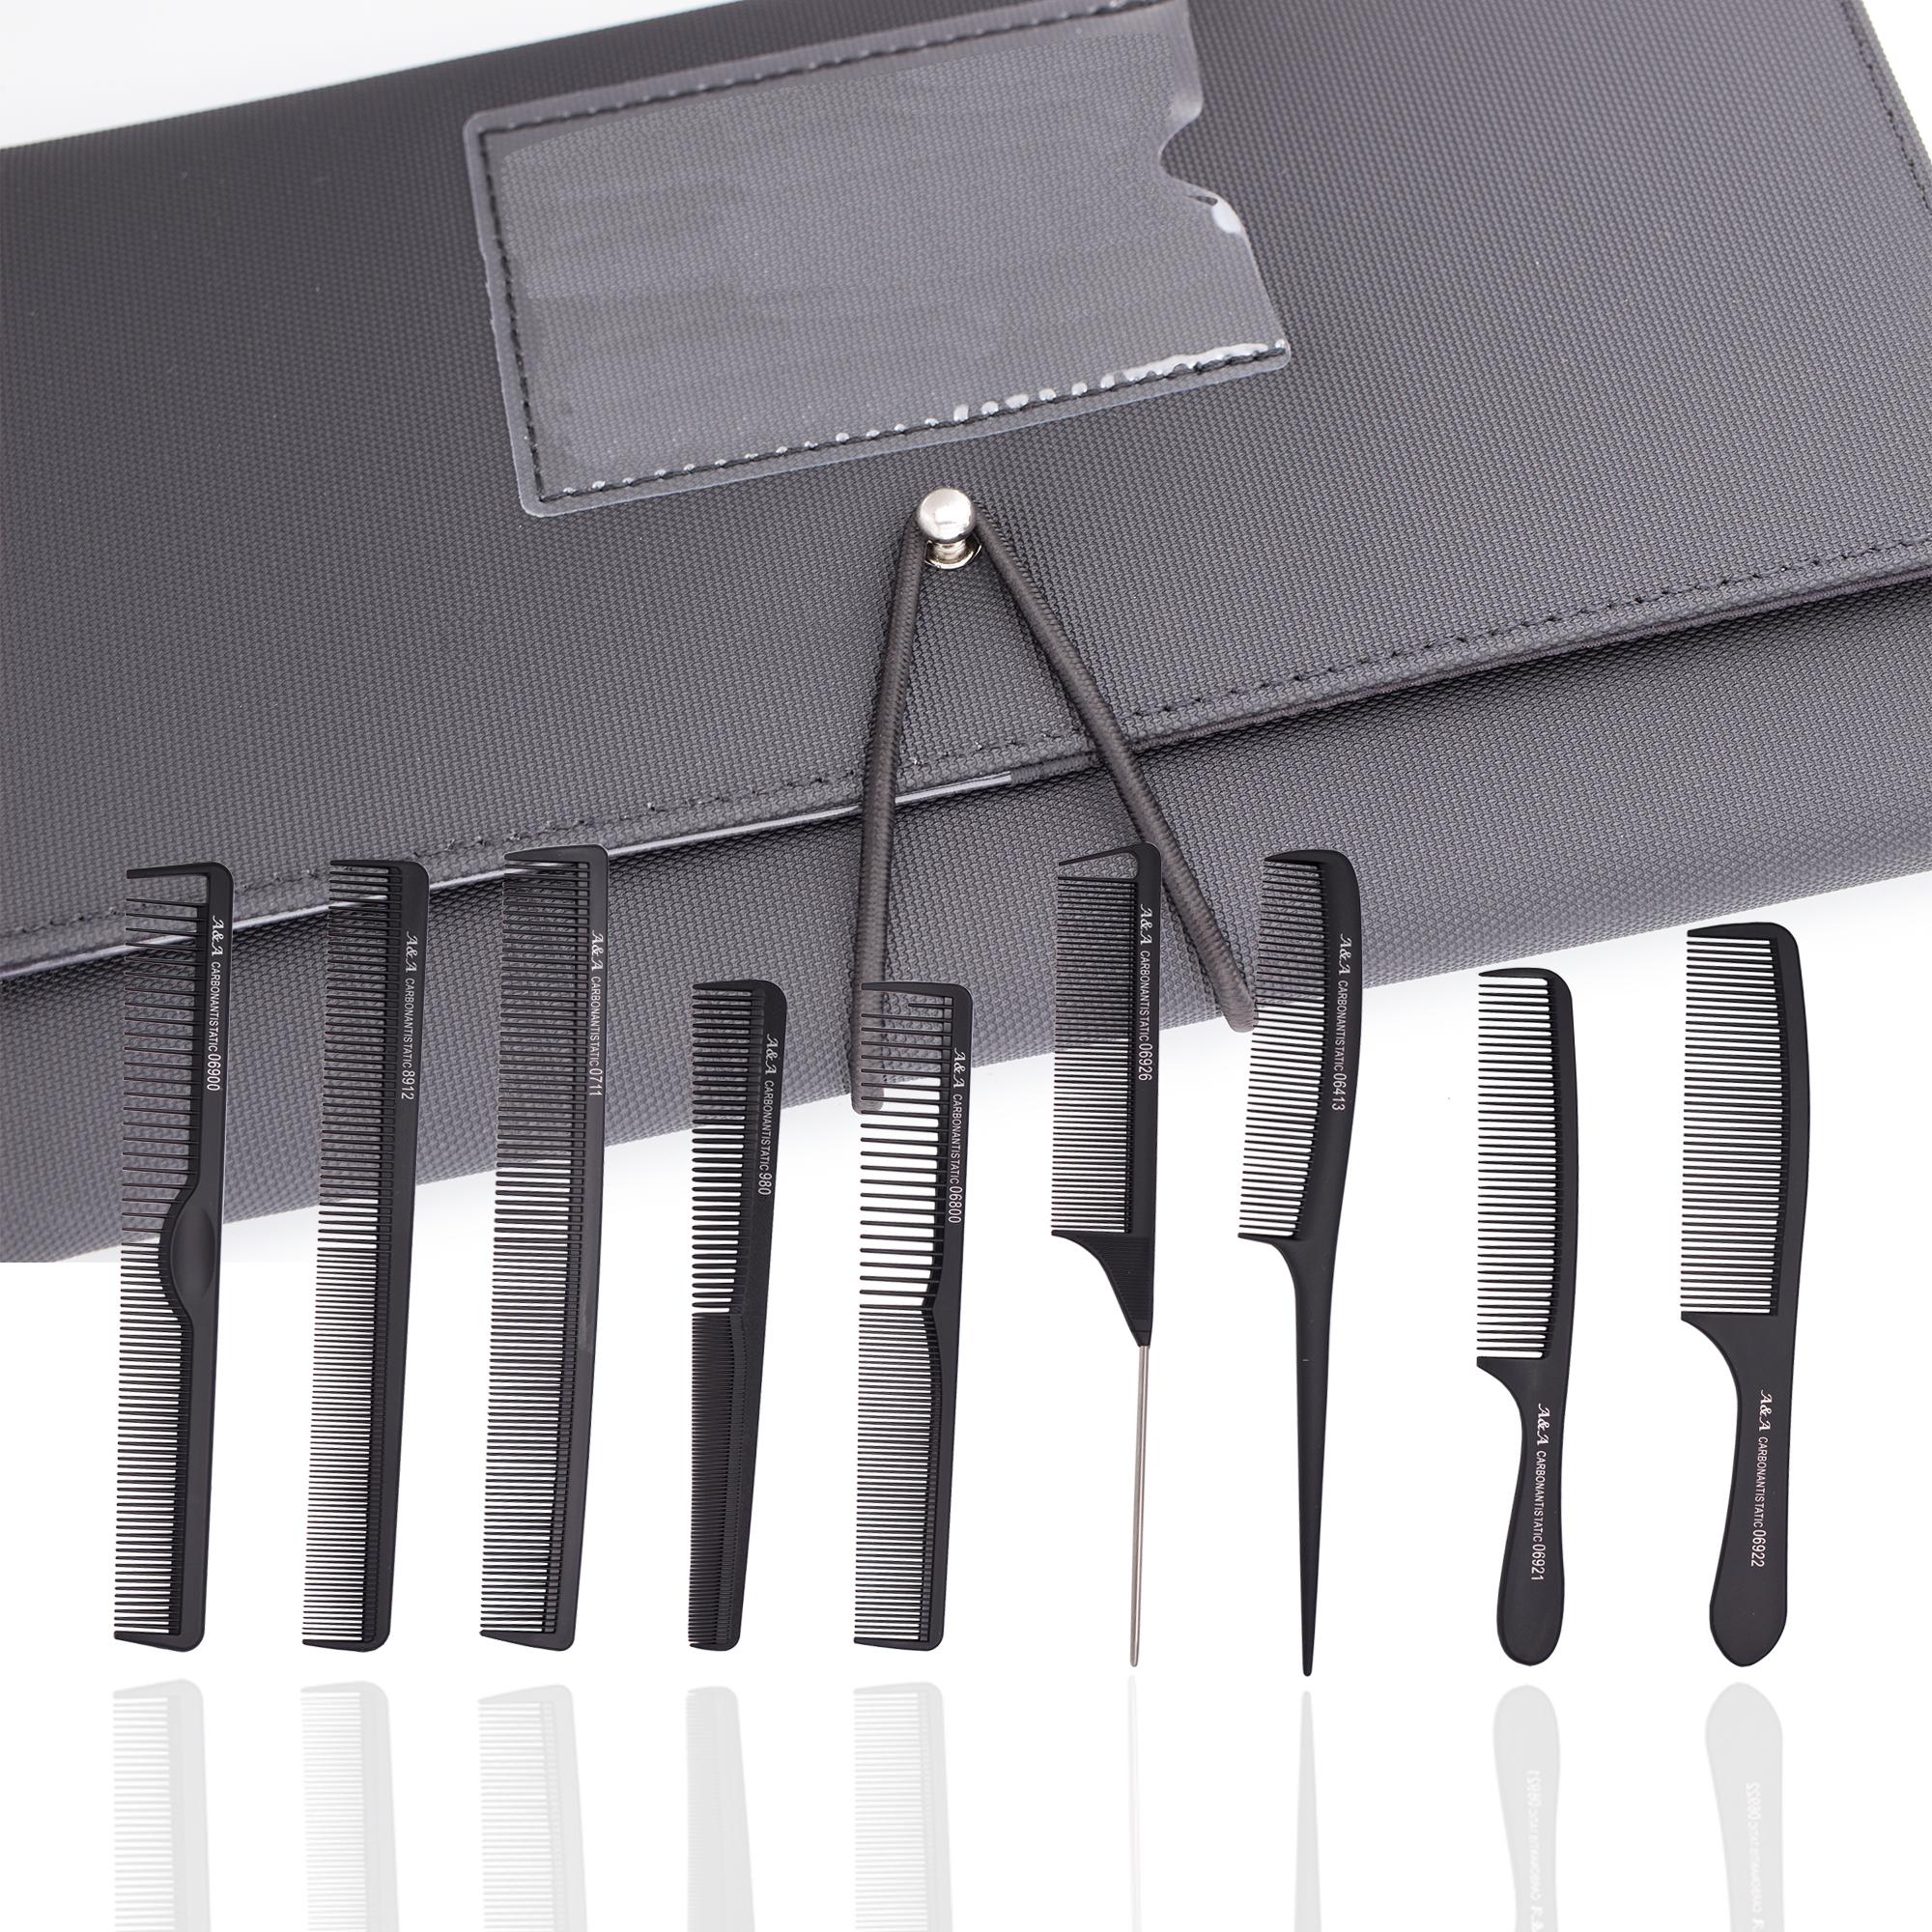 A&A Hair Beauty Kamm Tasche GRATIS - 9er SET Kämme mit Etui für Ihre Visitenkarte Tasche Friseur Fri